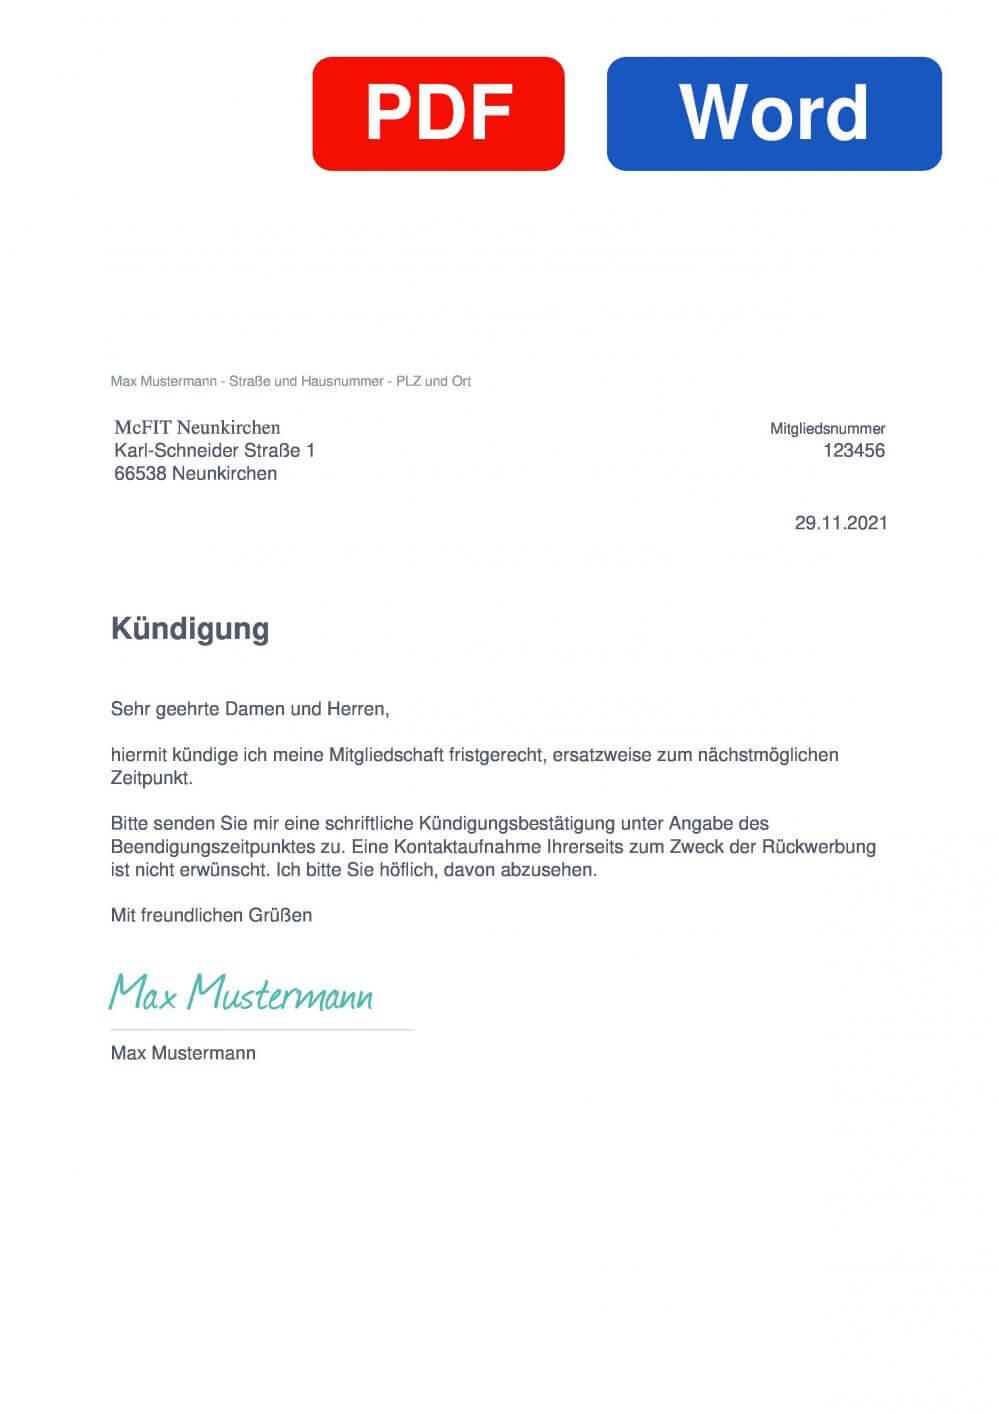 McFIT Neunkirchen Muster Vorlage für Kündigungsschreiben